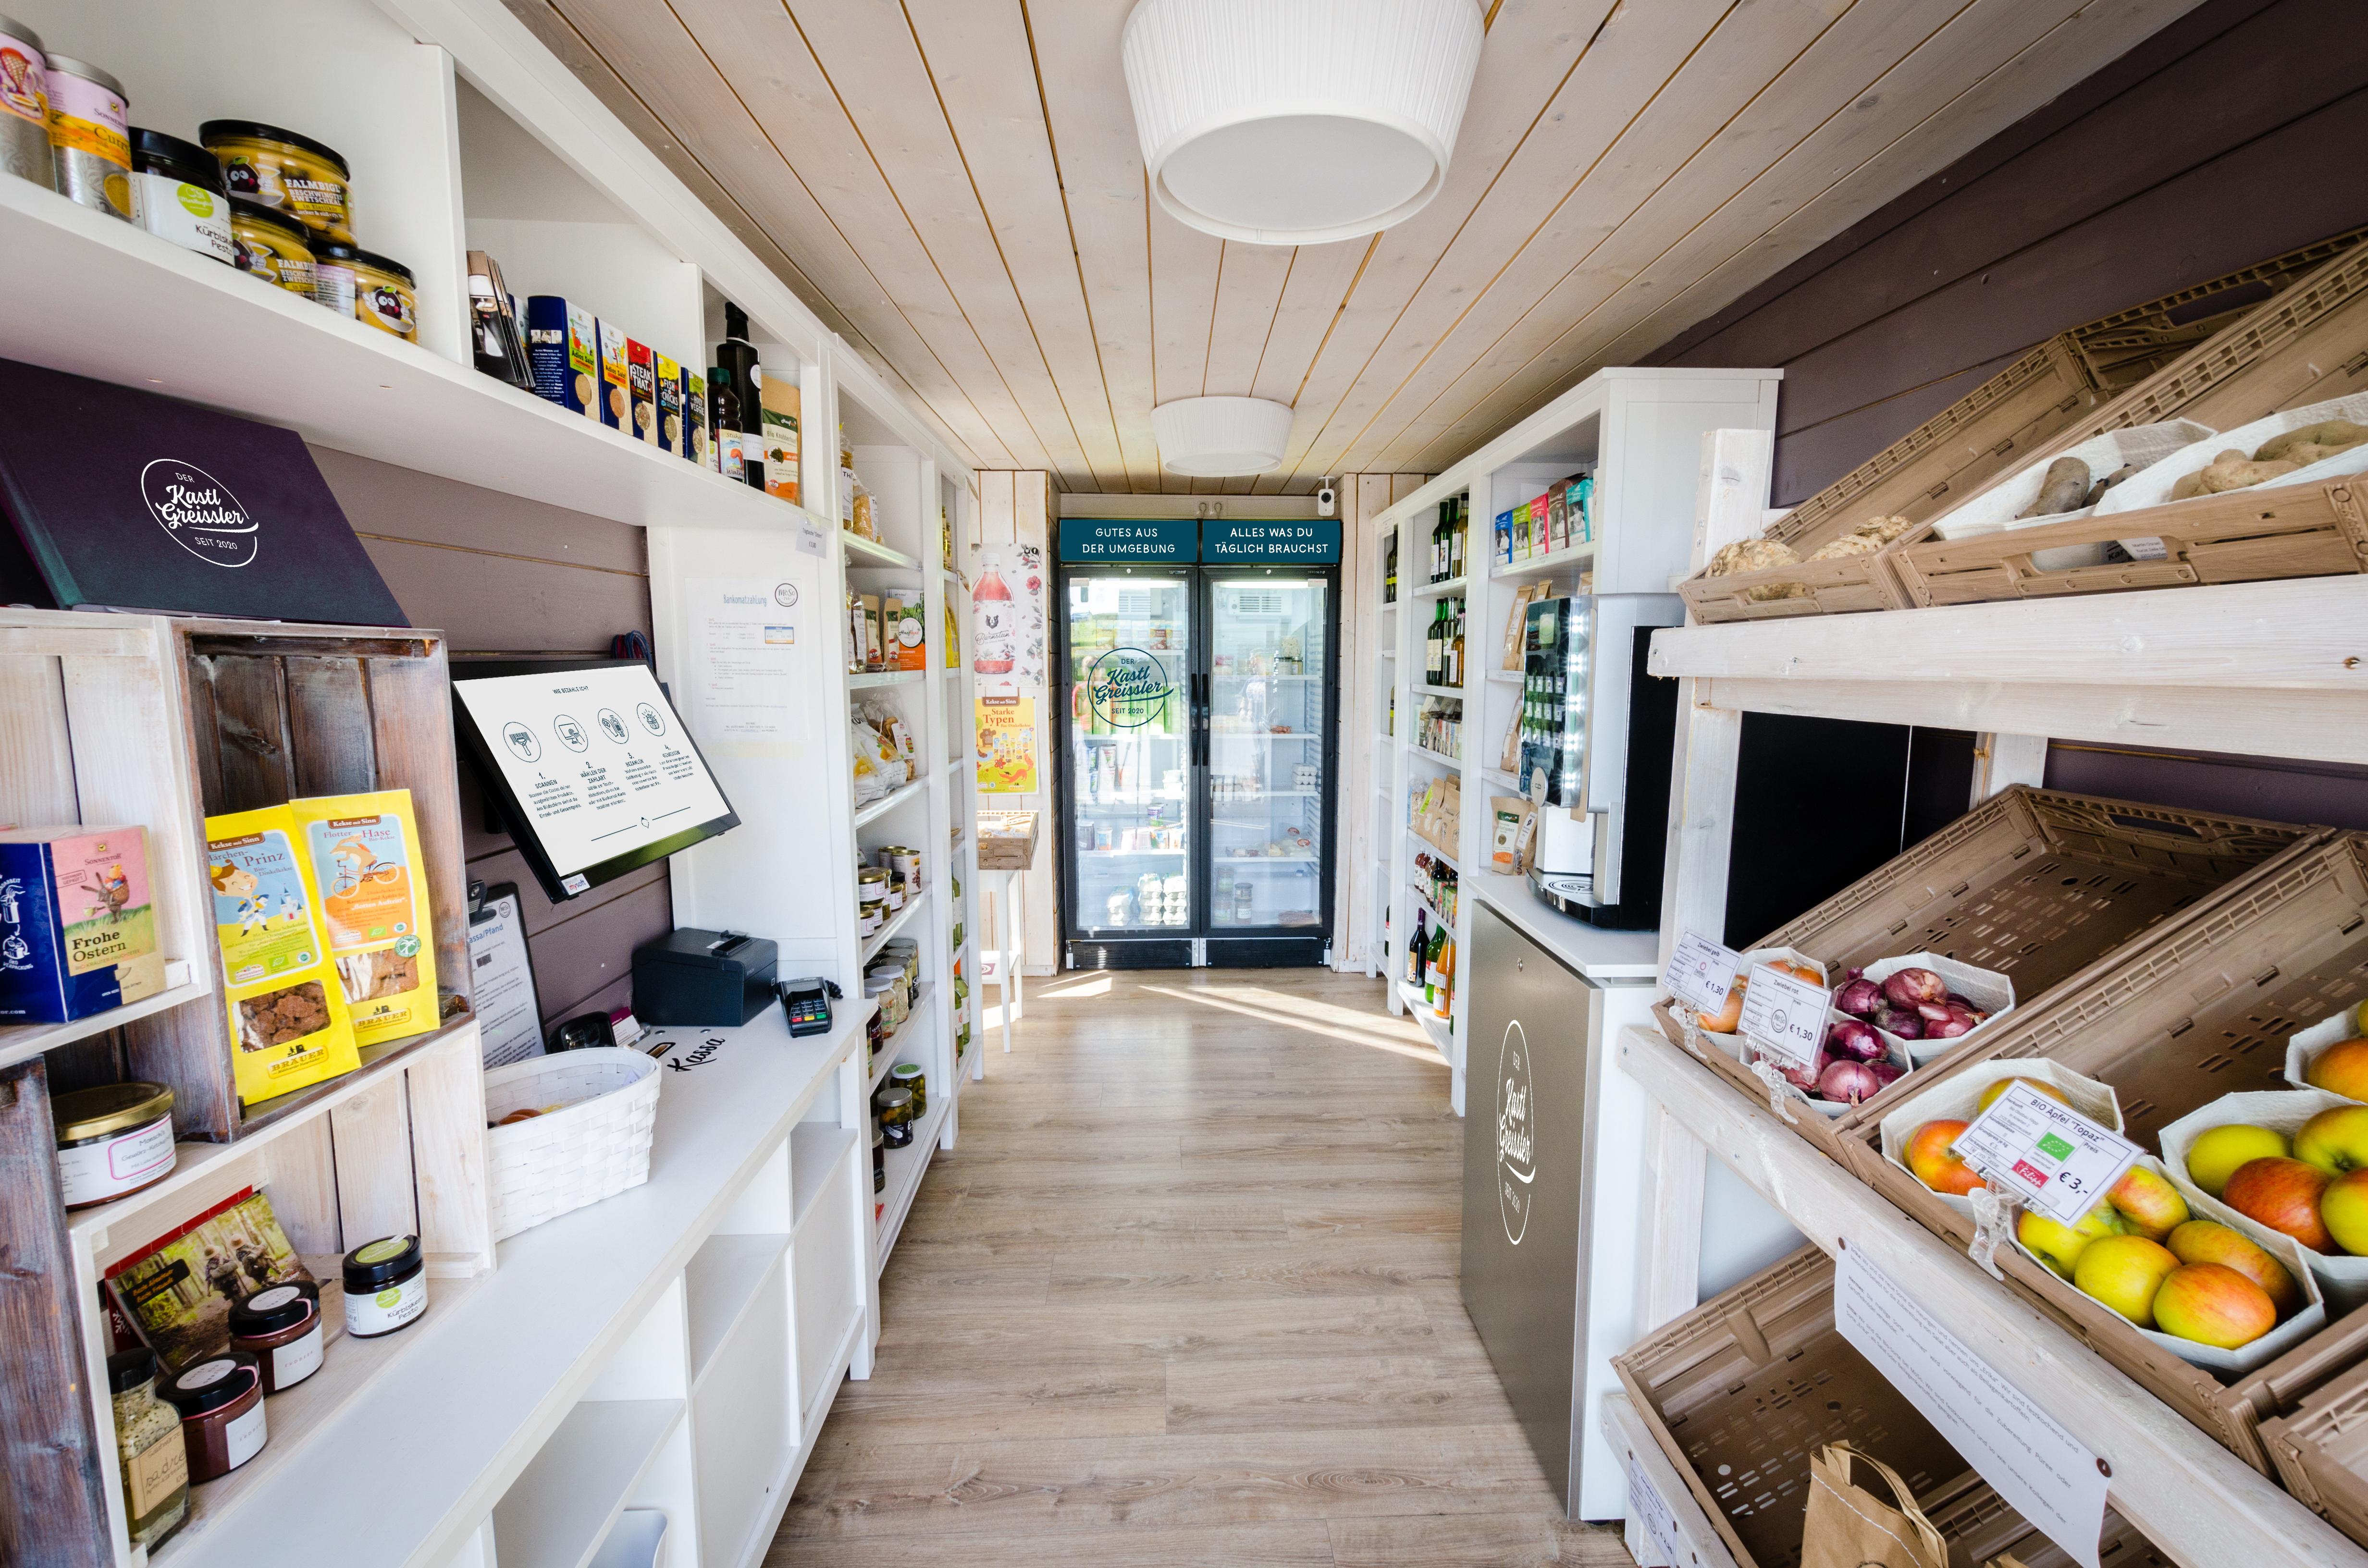 Für die Küche der Zukunft – mnews – medianet.at